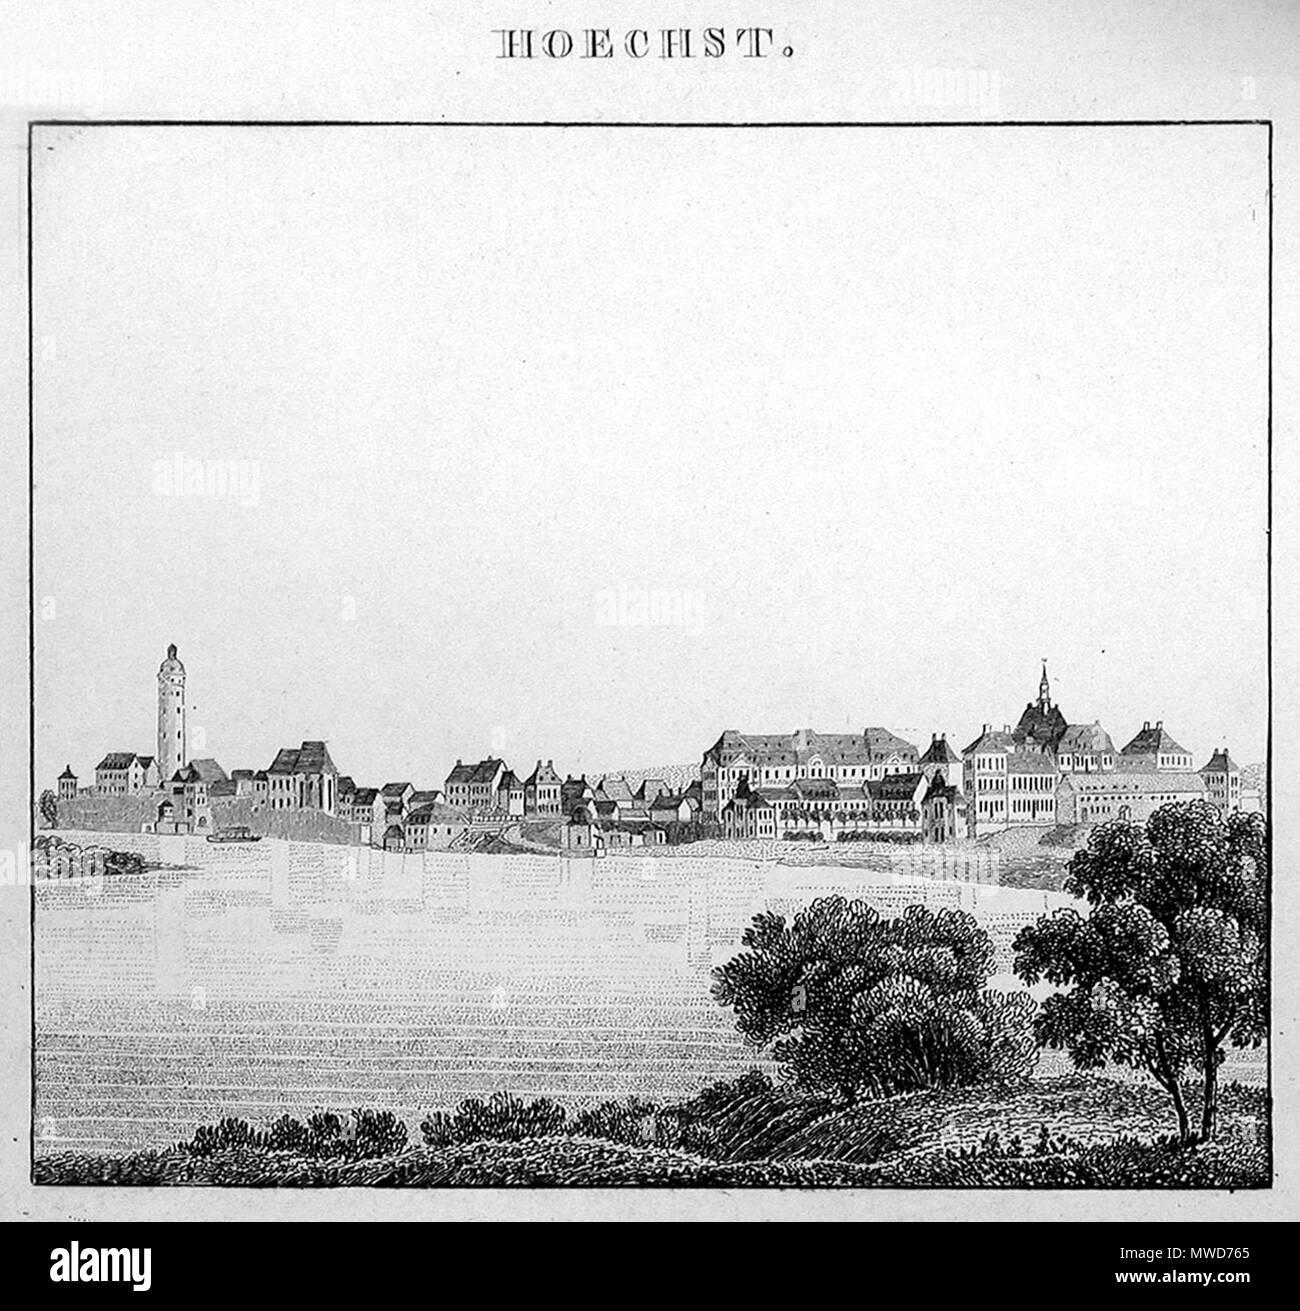 . Ansicht von Höchst 1829 . 1829. Stahlstich von C. A. Helmsauer nach einer Zeichnung von Friedrich Wilhelm Delkeskamp 281 Hoechst 1829 - Stock Image